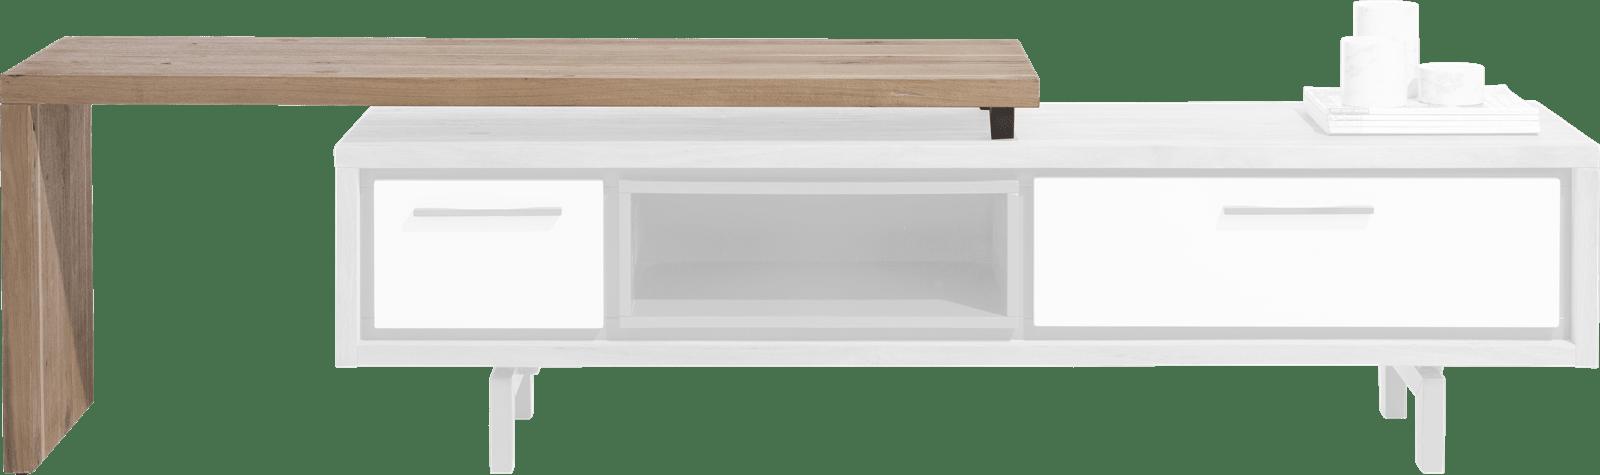 XOOON - Otta - Skandinavisches Design - tv-sideboard mit drehbare platte 140 cm - selbstmontage